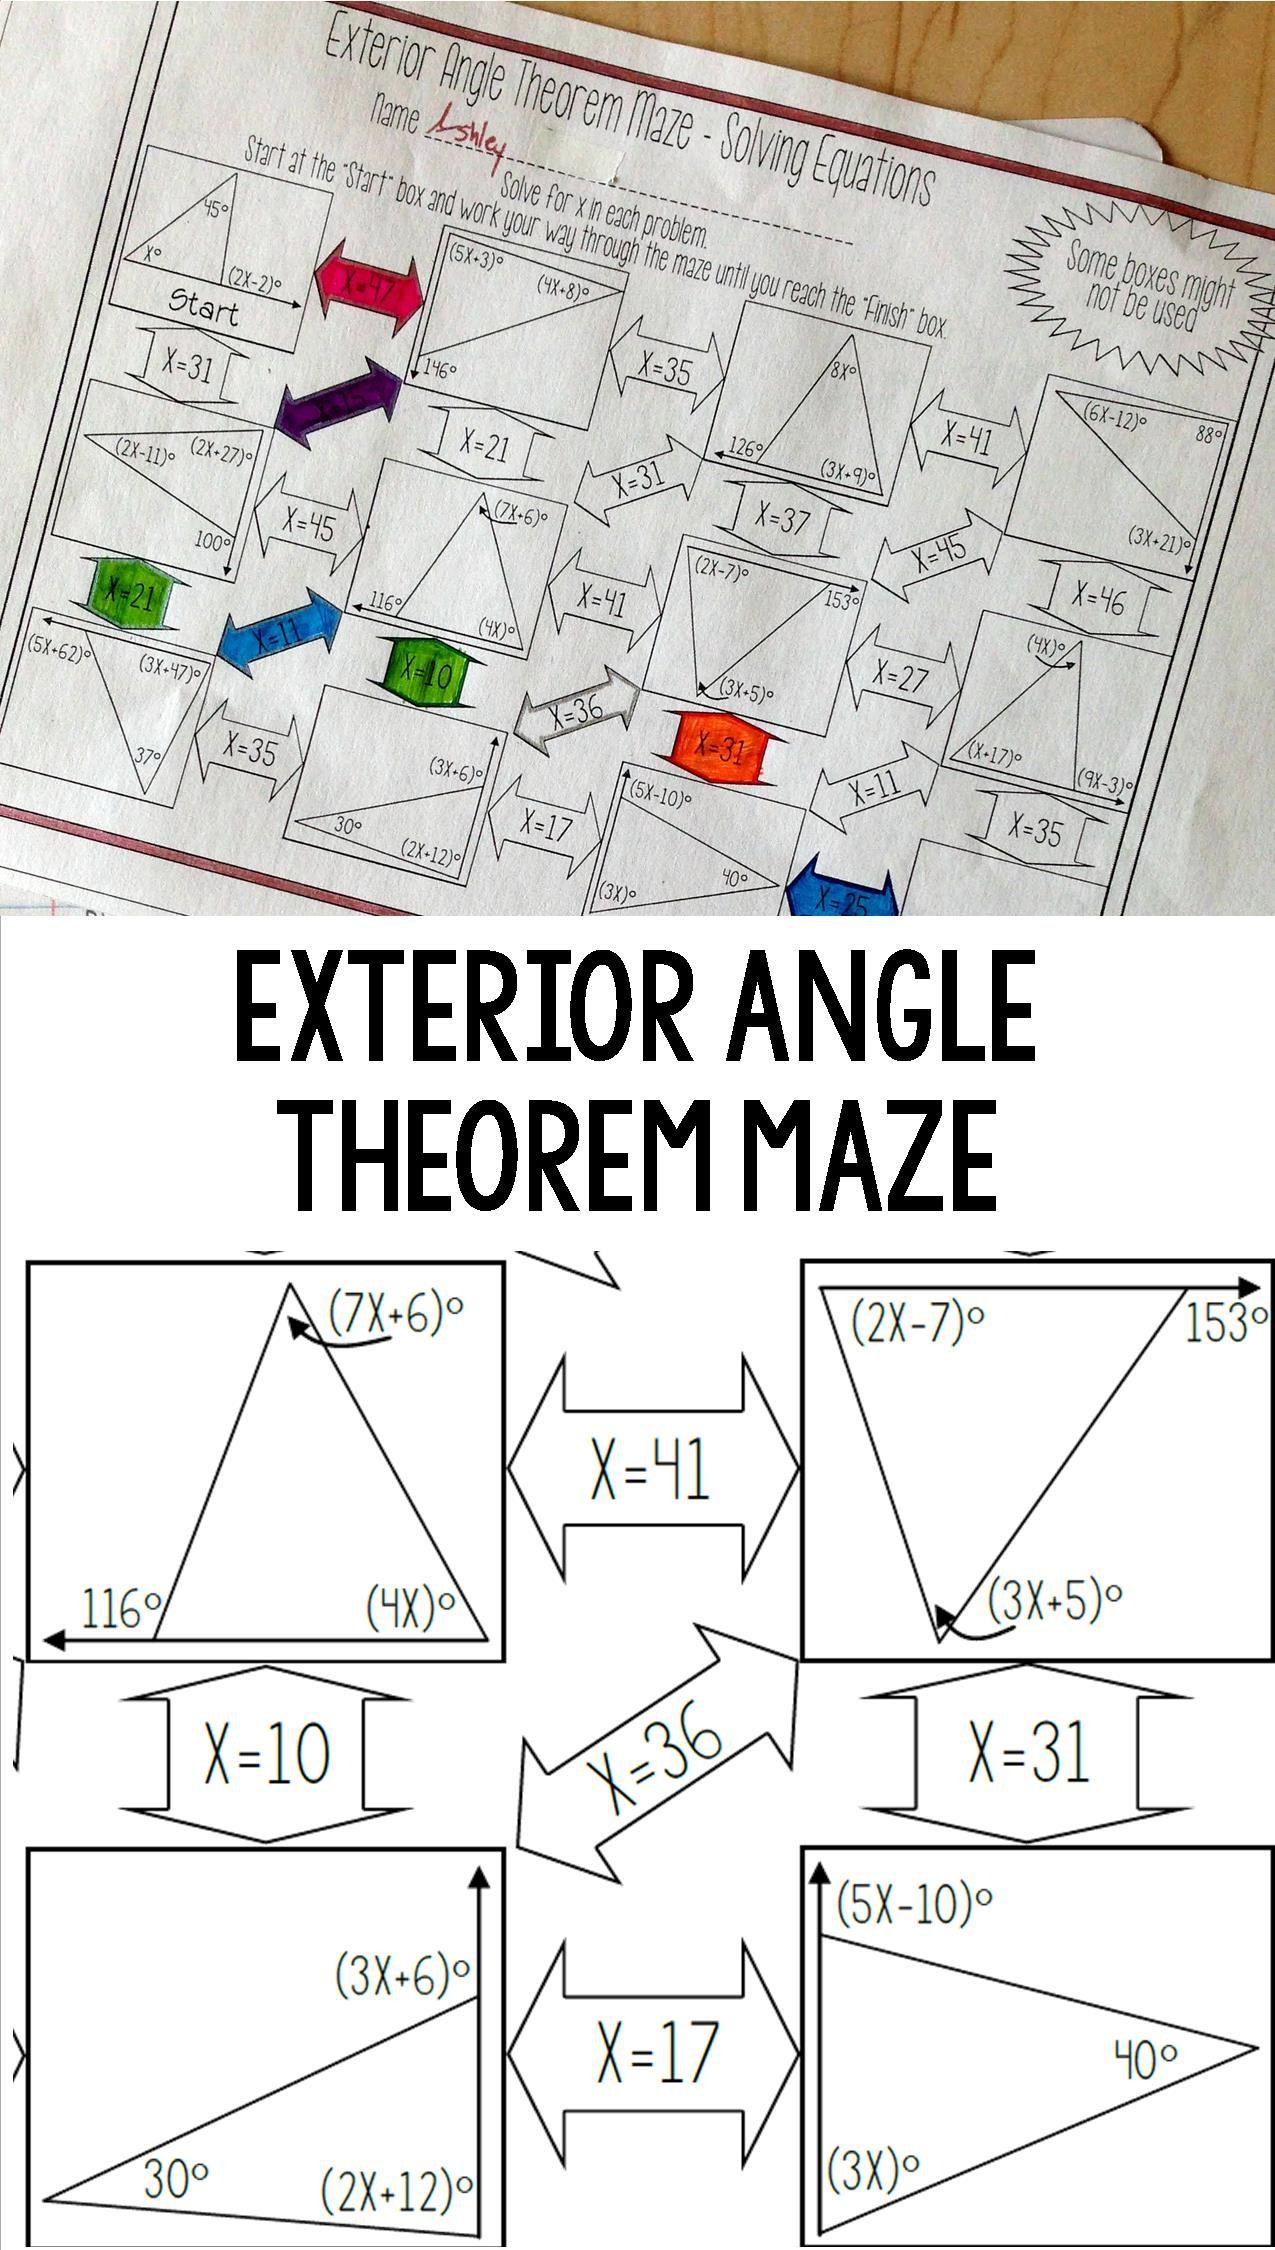 Exterior Angle Theorem Maze Solving Equations – Exterior Angle Theorem Worksheet